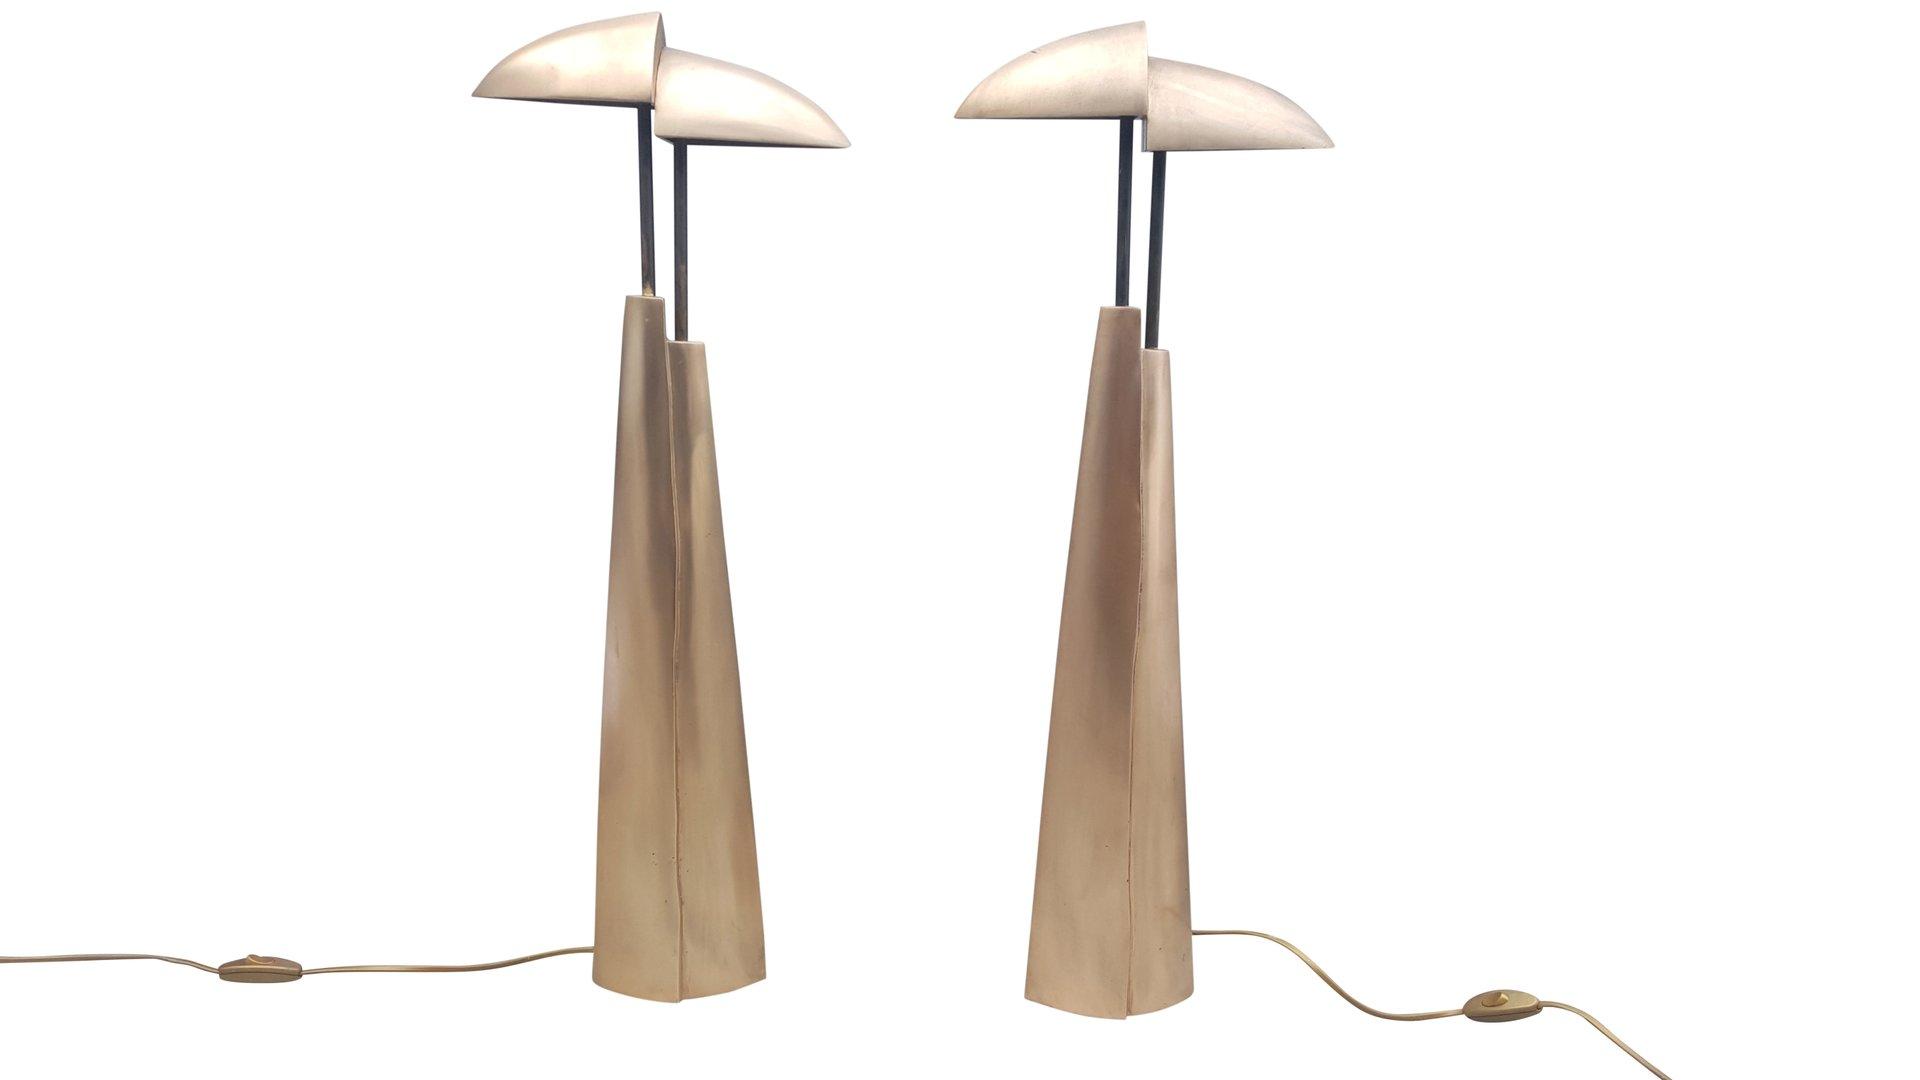 Lampade da tavolo mid century moderne in bronzo set di 2 in vendita su pamono - Lampade moderne da tavolo ...